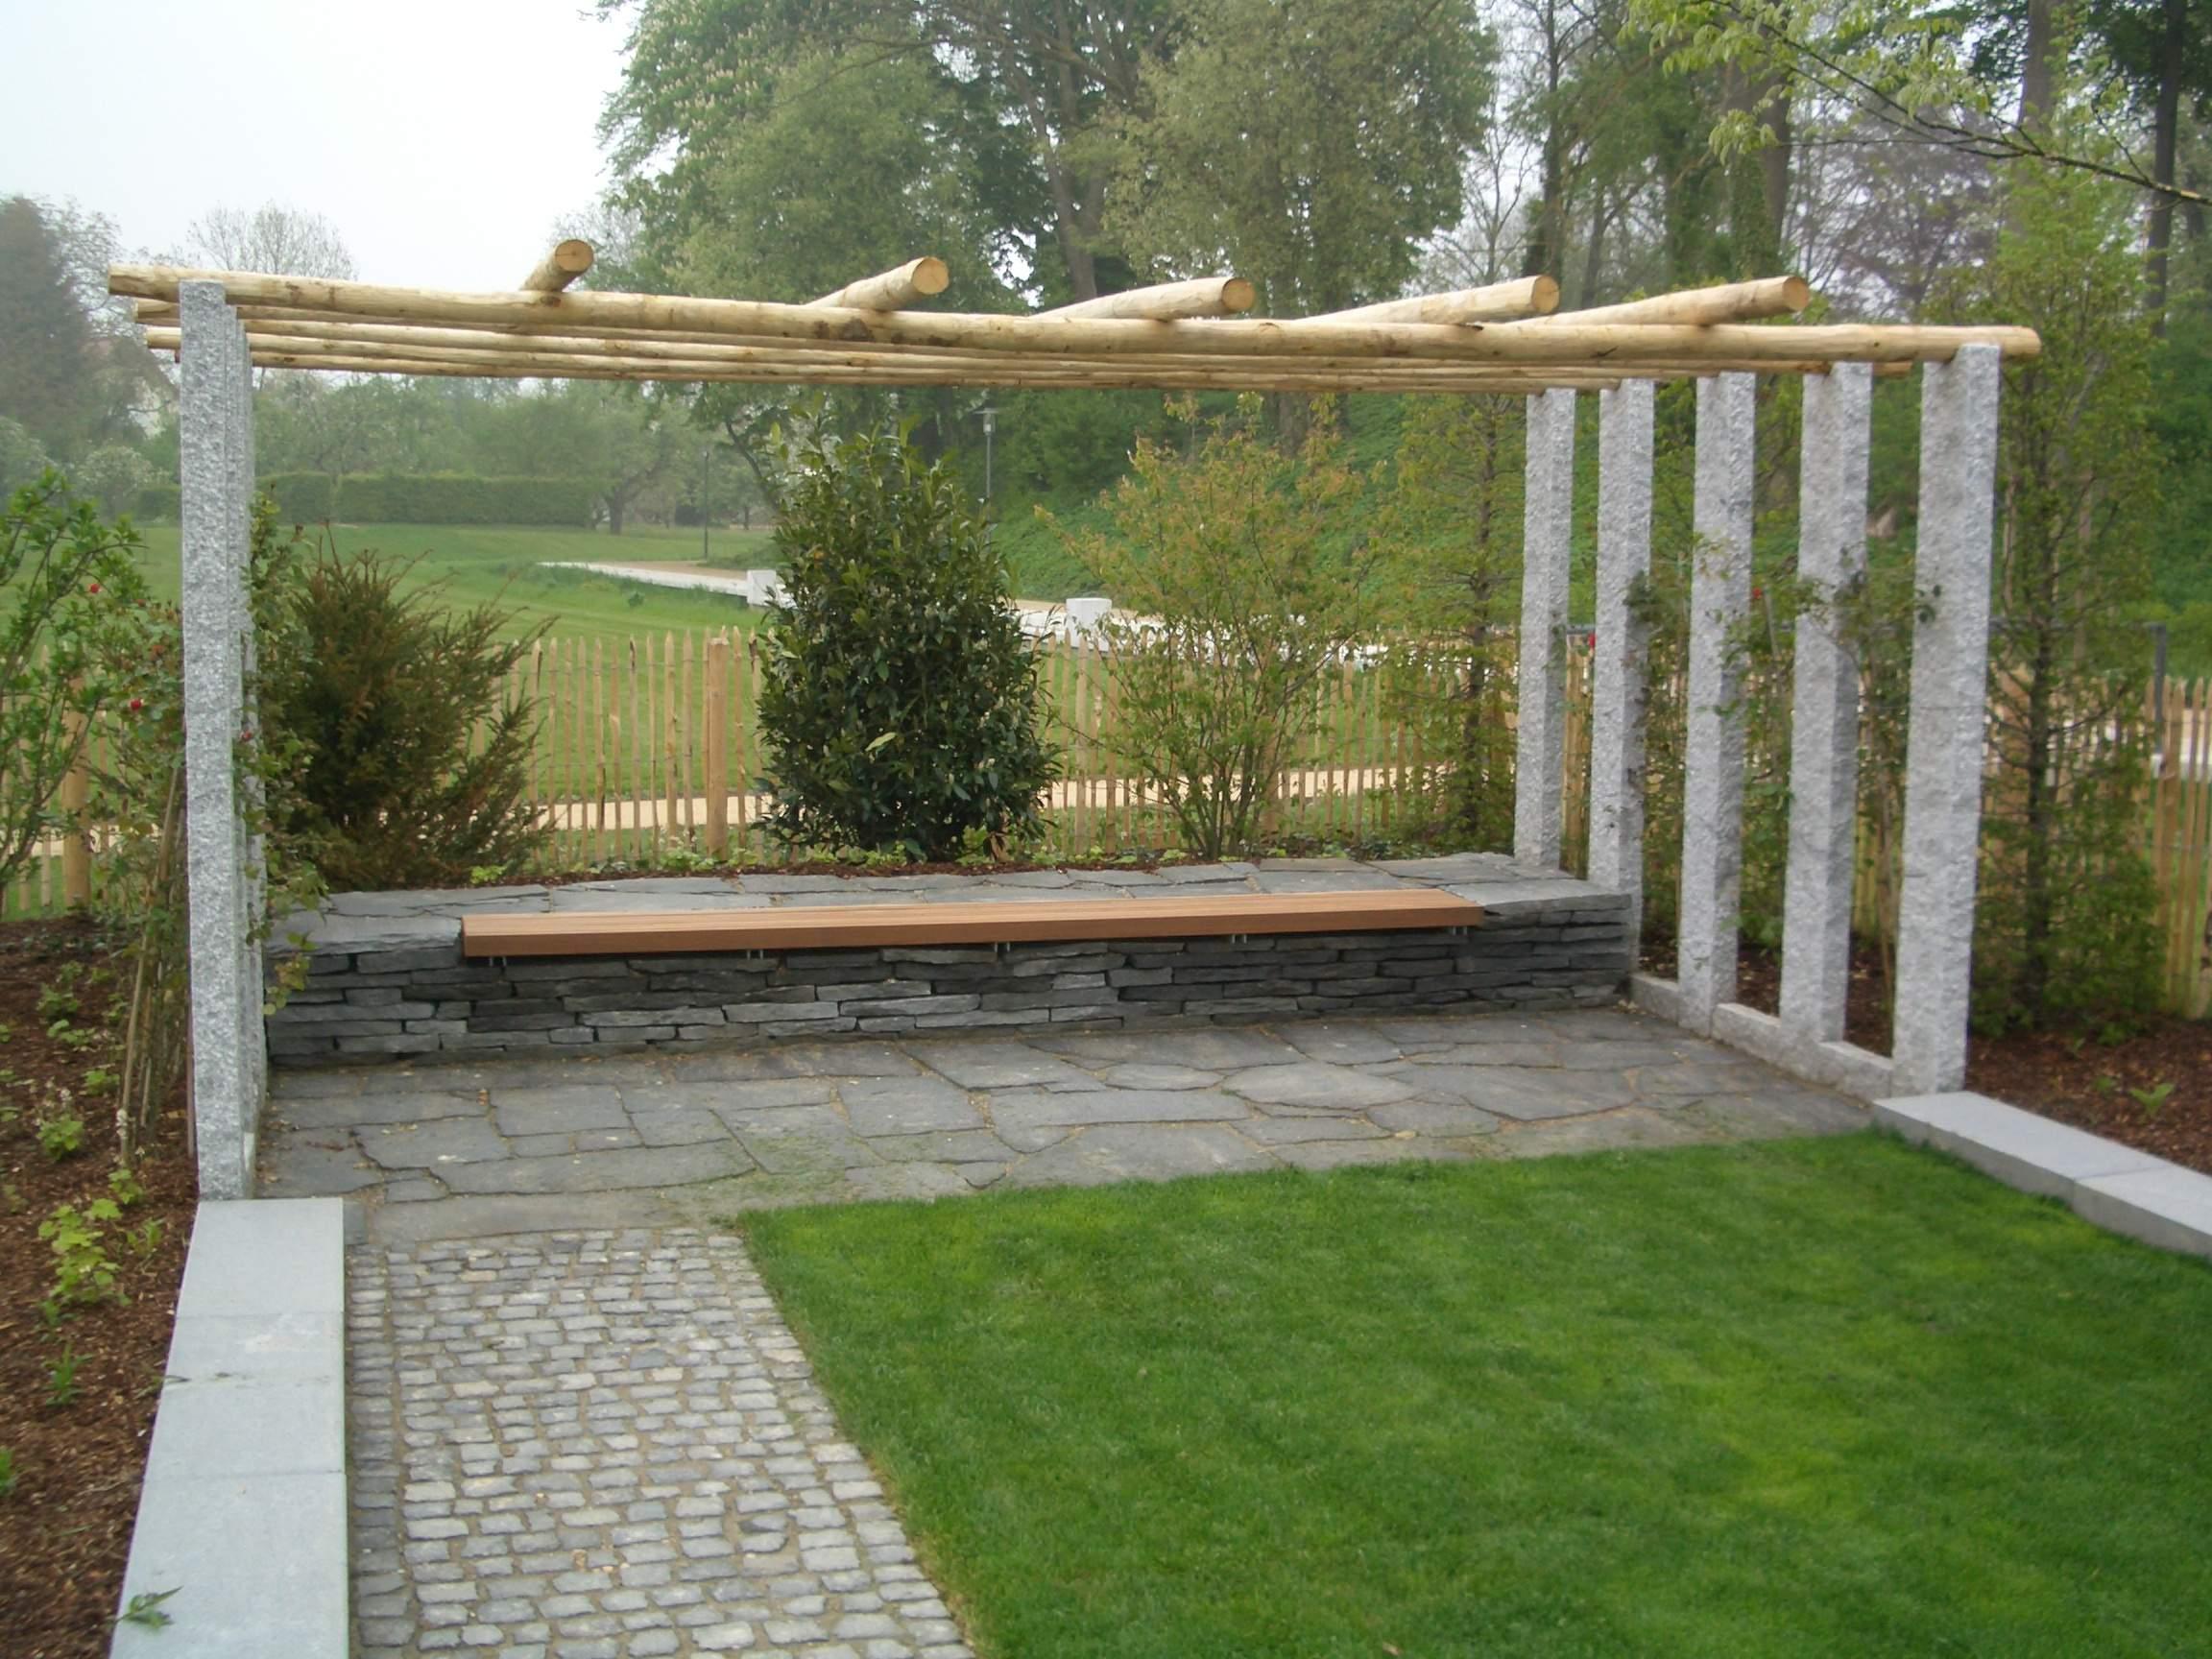 Garten König Schön Mauerarbeiten – Garten König